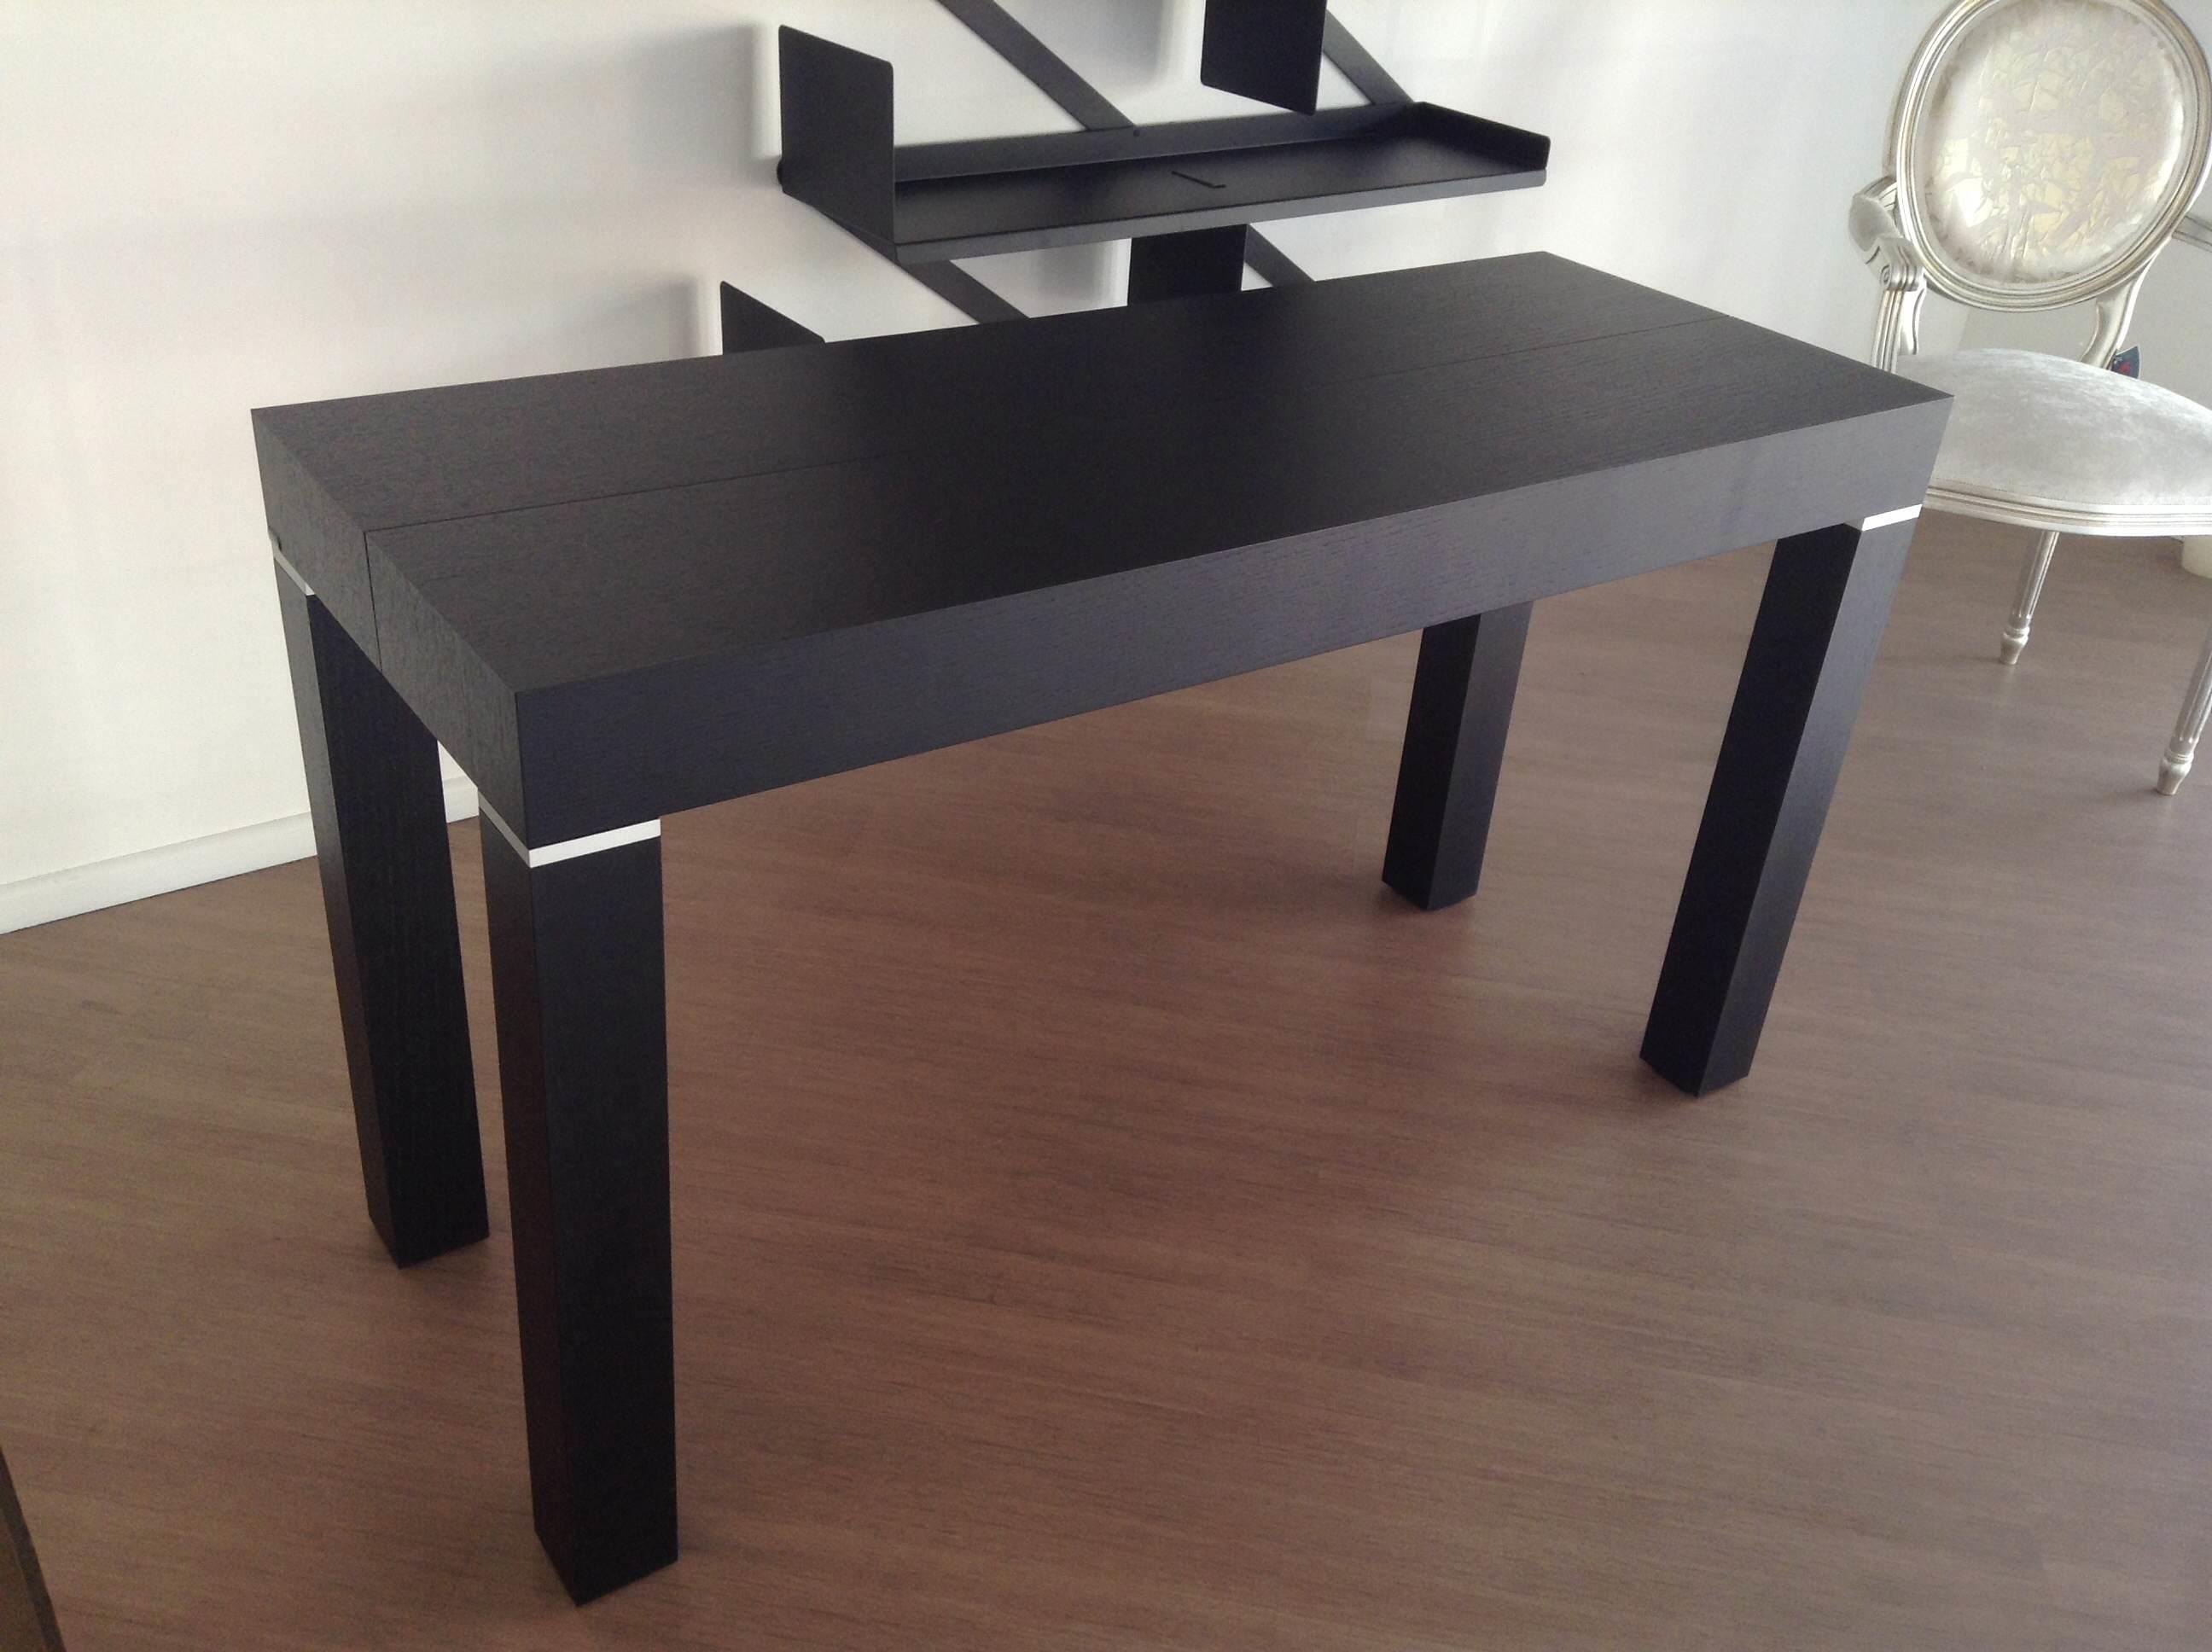 Consolle riflessi p190 by bragazzi tavoli a prezzi scontati - Tavolo consolle riflessi p300 prezzo ...